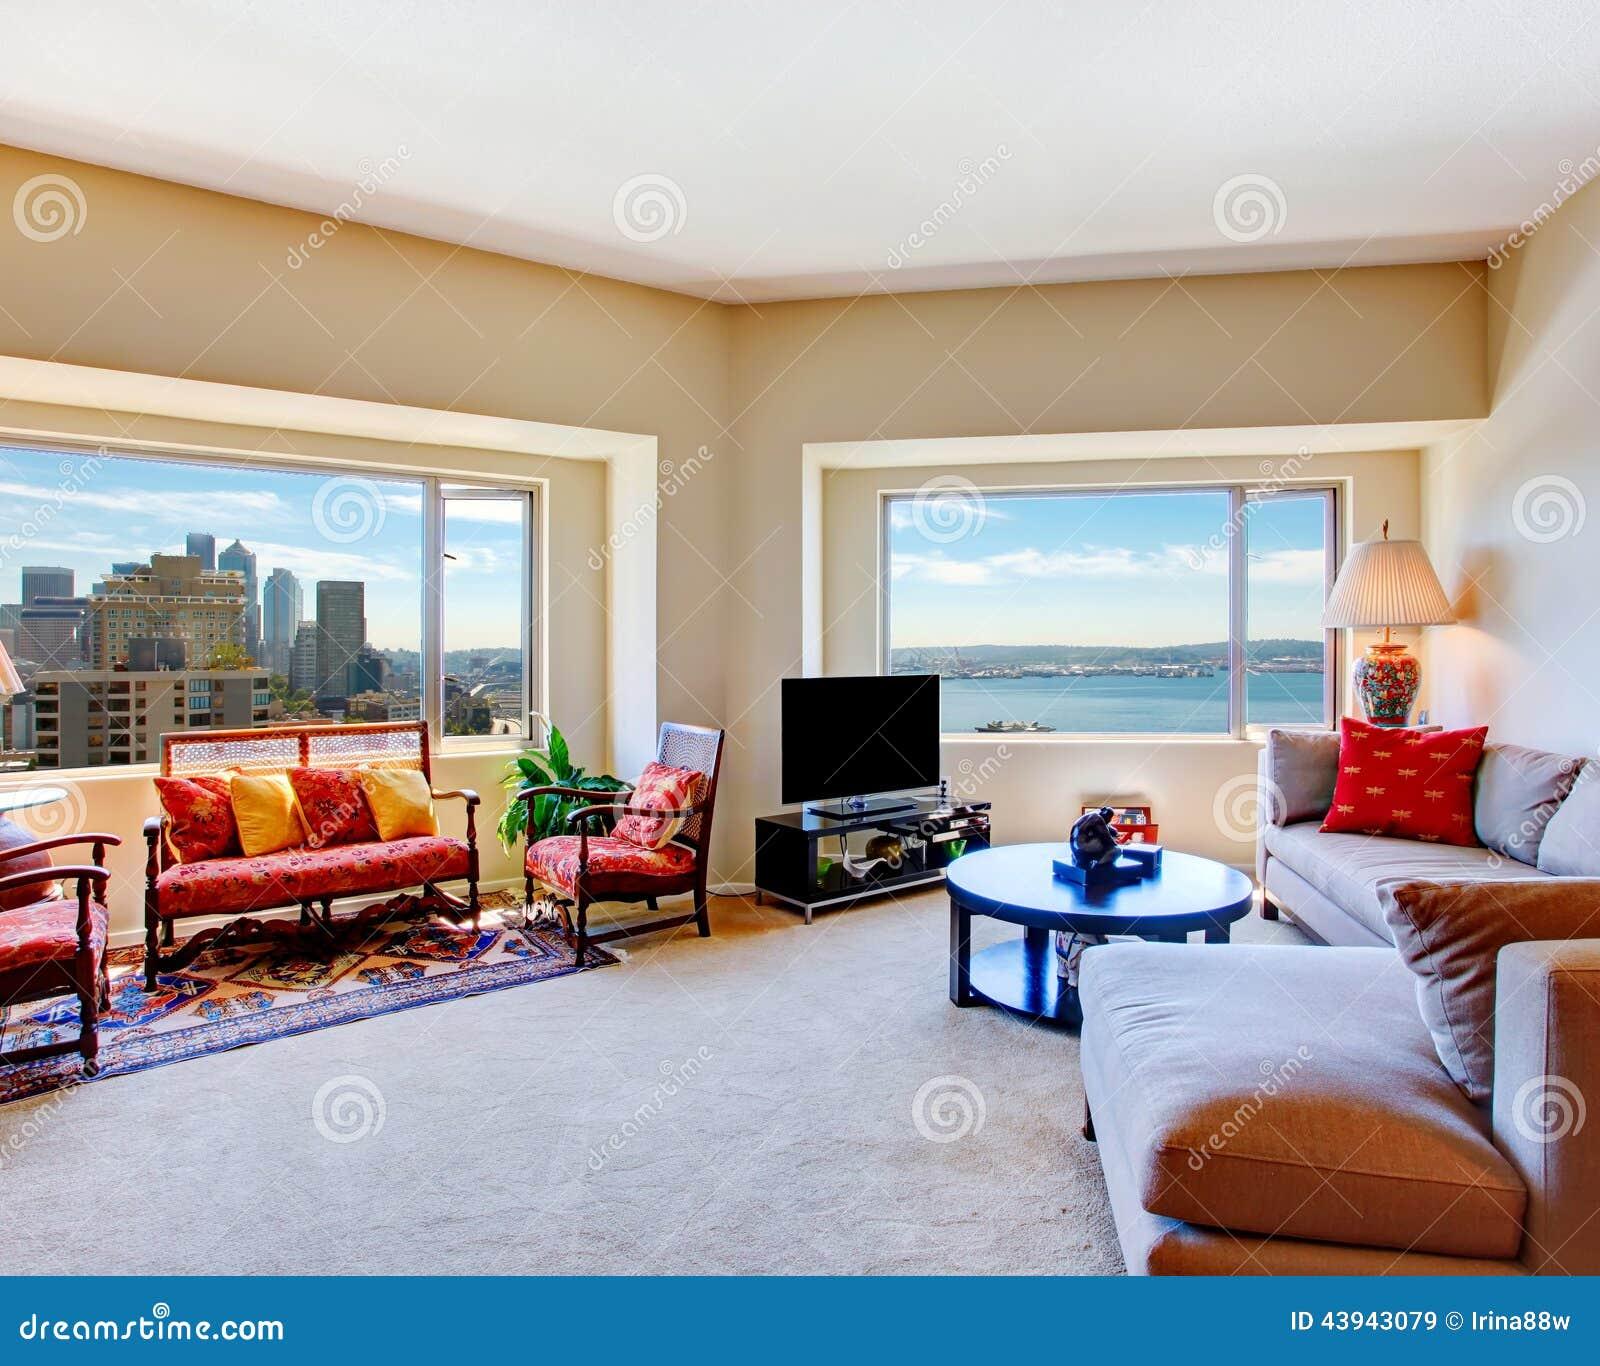 Två-våning Modern Vardagsrum Med Panorama- Fönster Arkivfoto ...